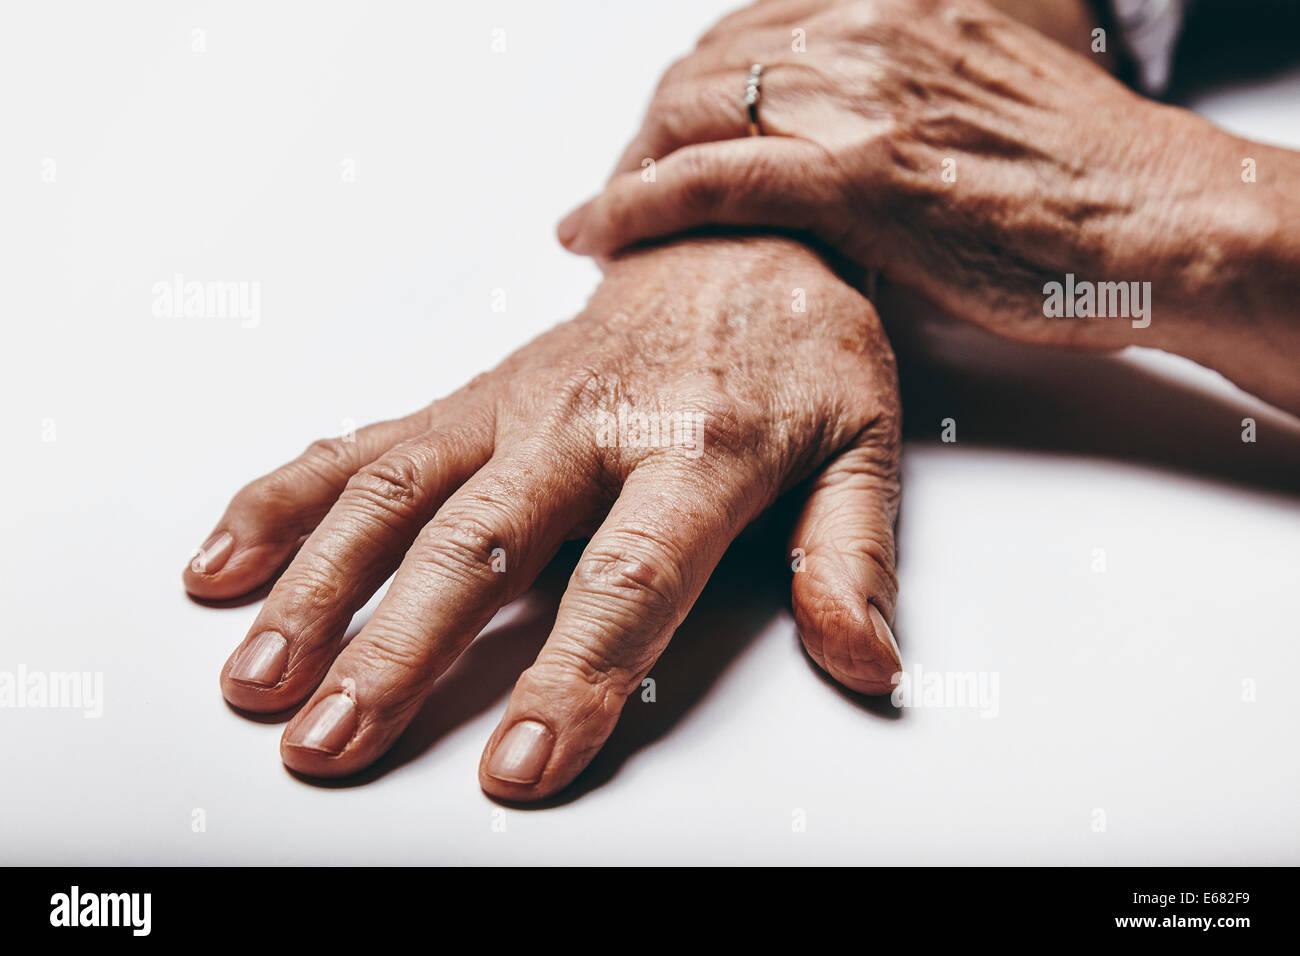 Makroaufnahme einer alten Frau die Hände auf eine graue Fläche. Finger der senior weiblich im Mittelpunkt. Stockbild